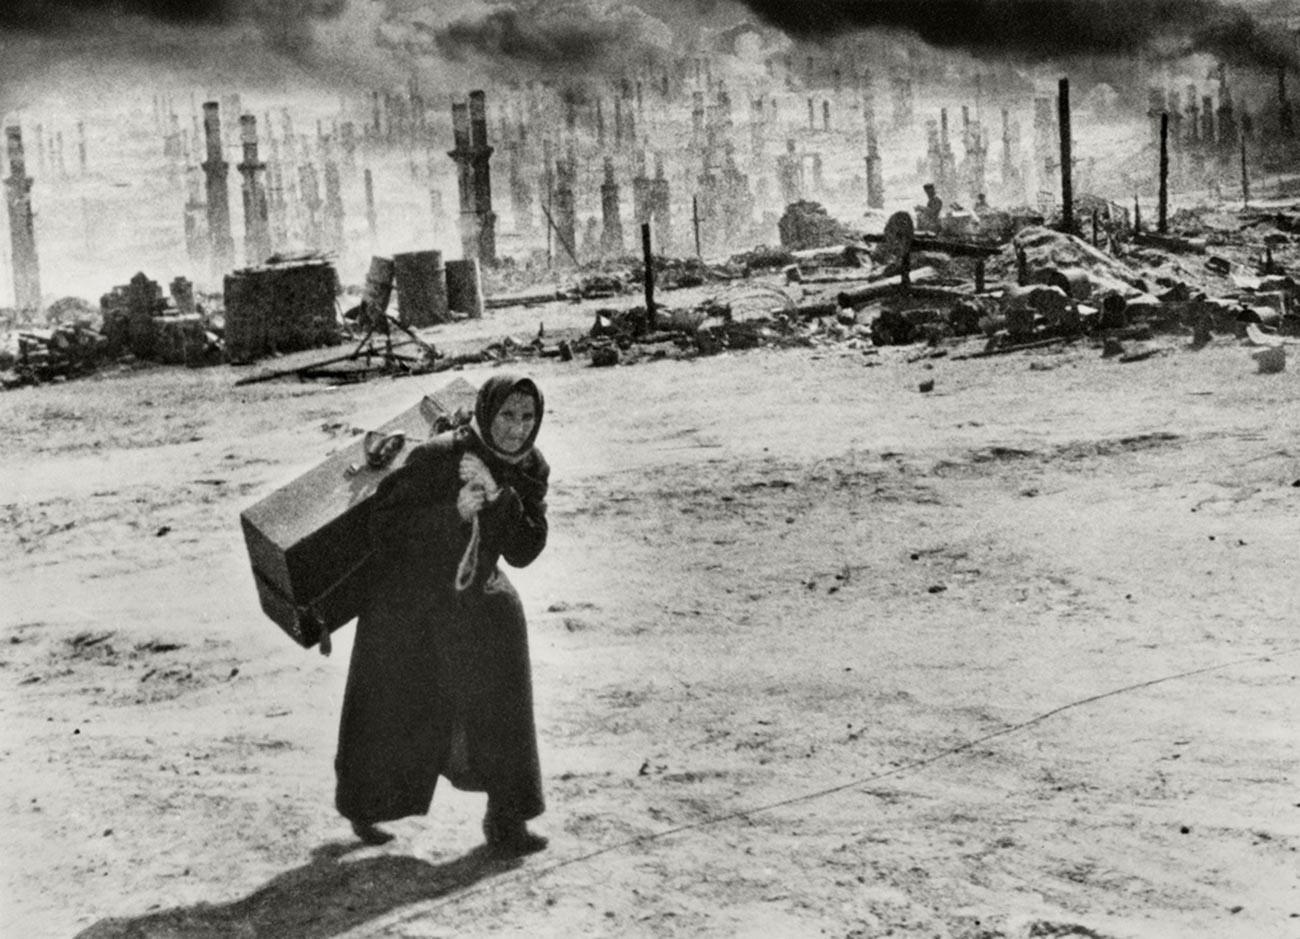 L'exode après le bombardement de Mourmansk par les nazis